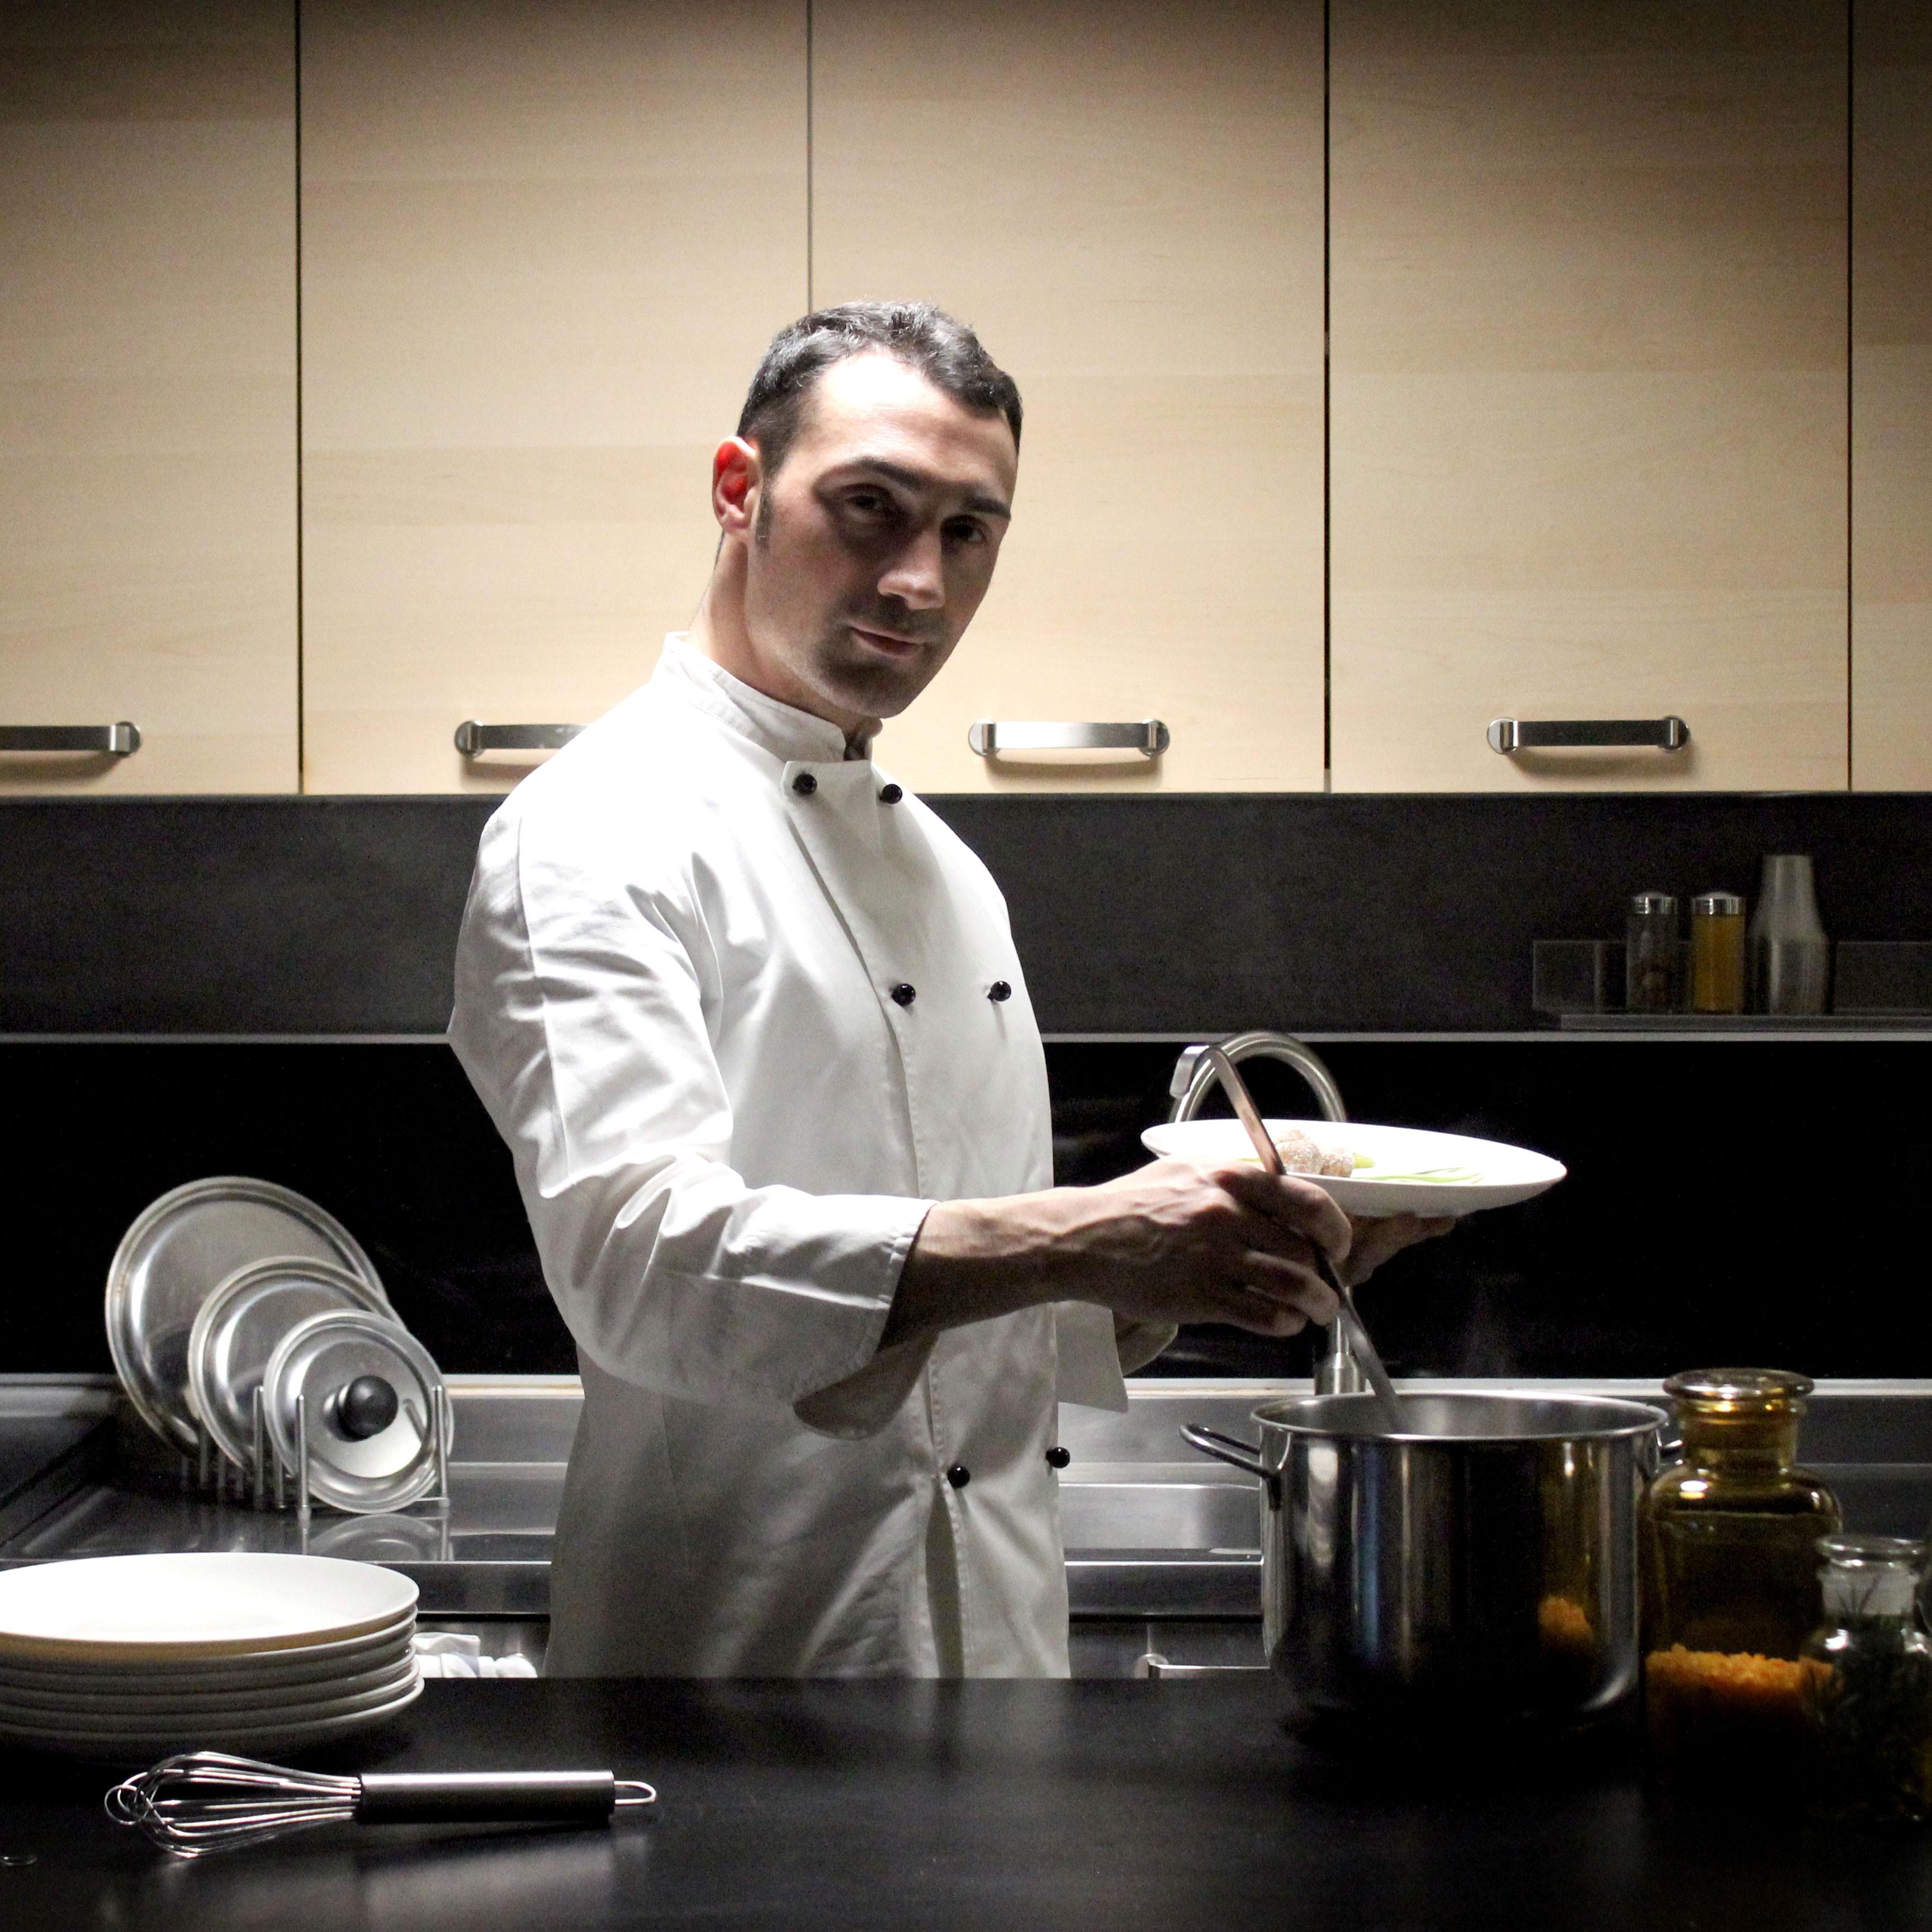 MAX&KITCHEN CATERING - chef a domicilio -chef at home cuoco a casa tua cuoco cucina cibo